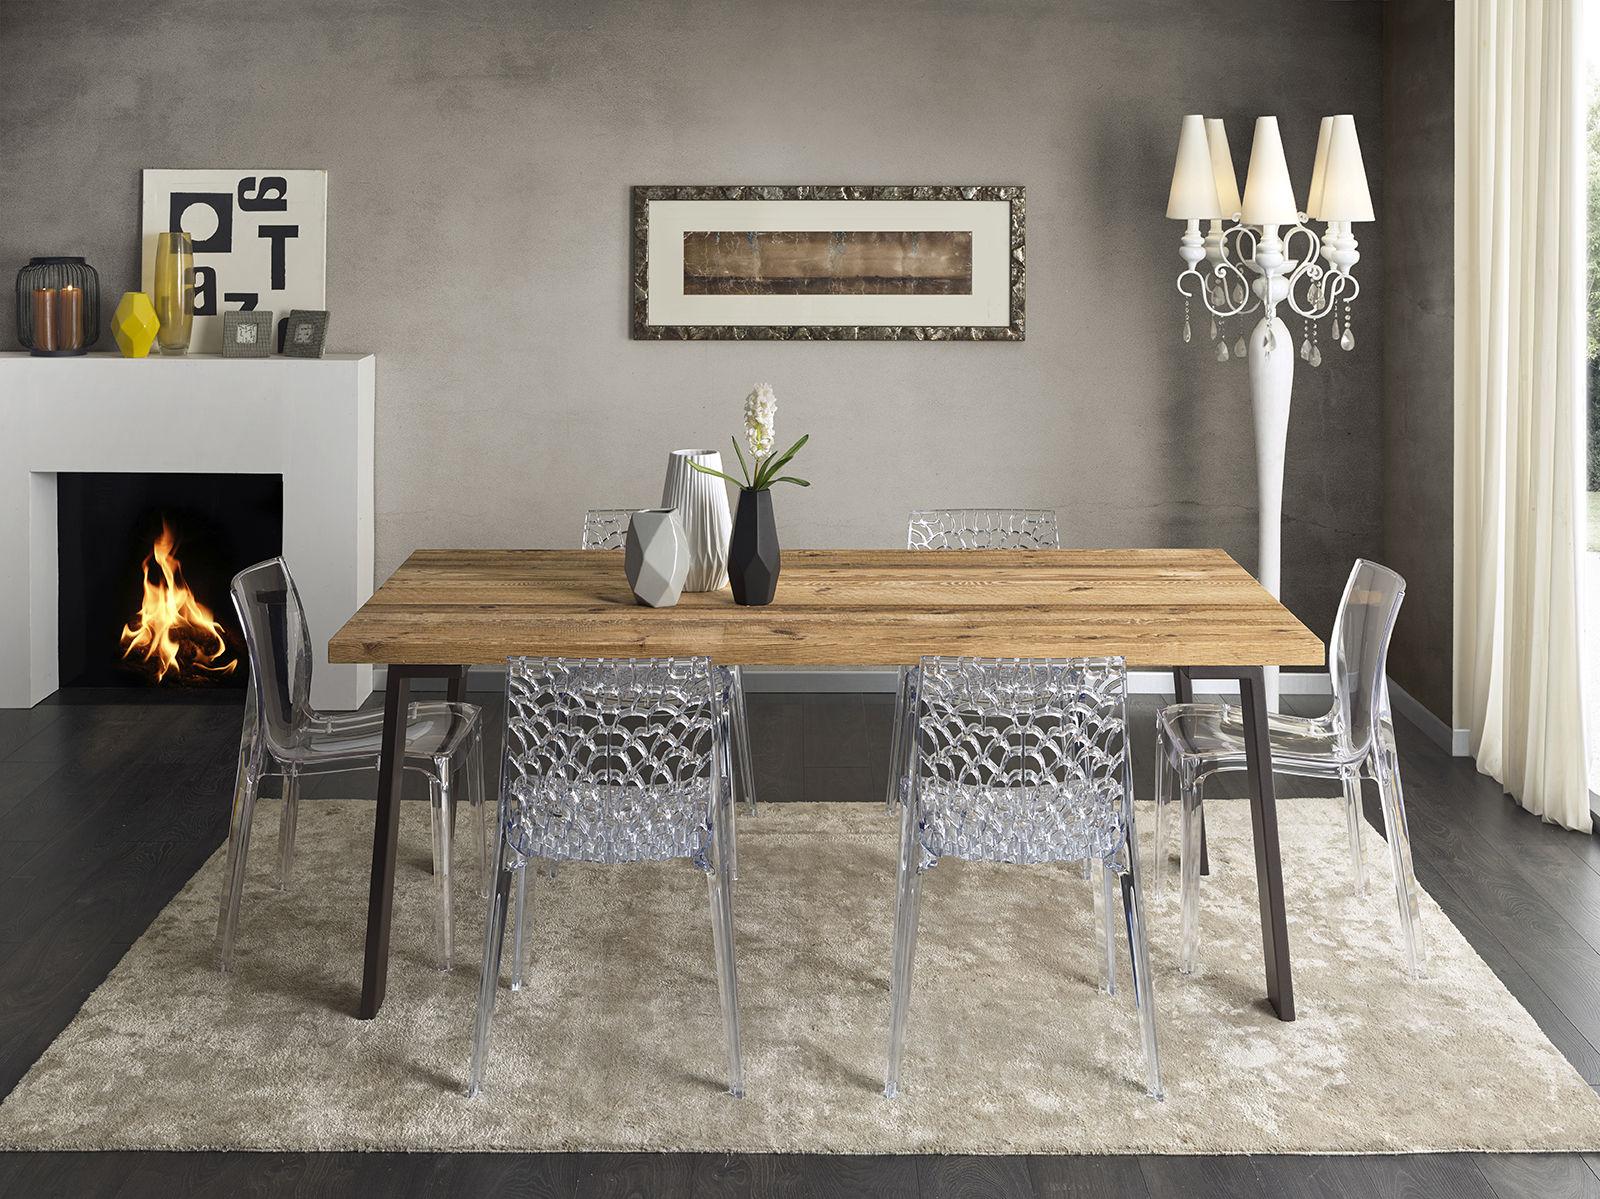 Sedie moderne e tavolo antico, abbinamenti e consigli